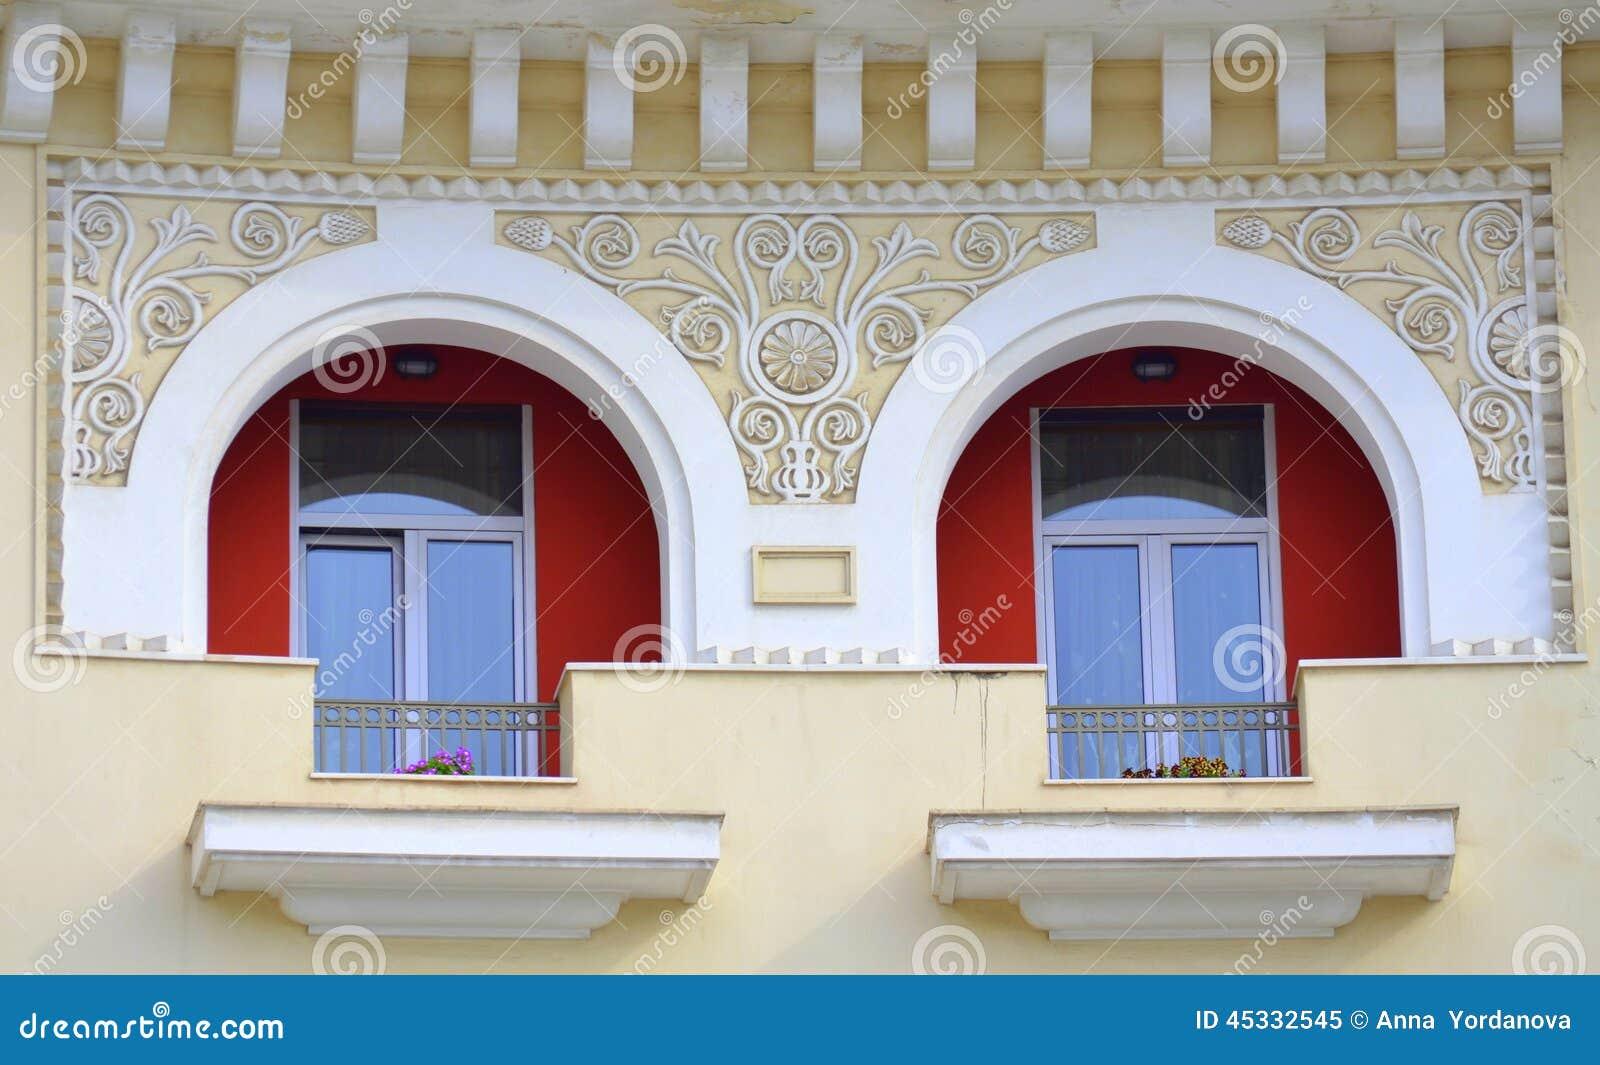 Decorazione greca della casa fotografia stock immagine 45332545 - Decorazione archi in casa ...